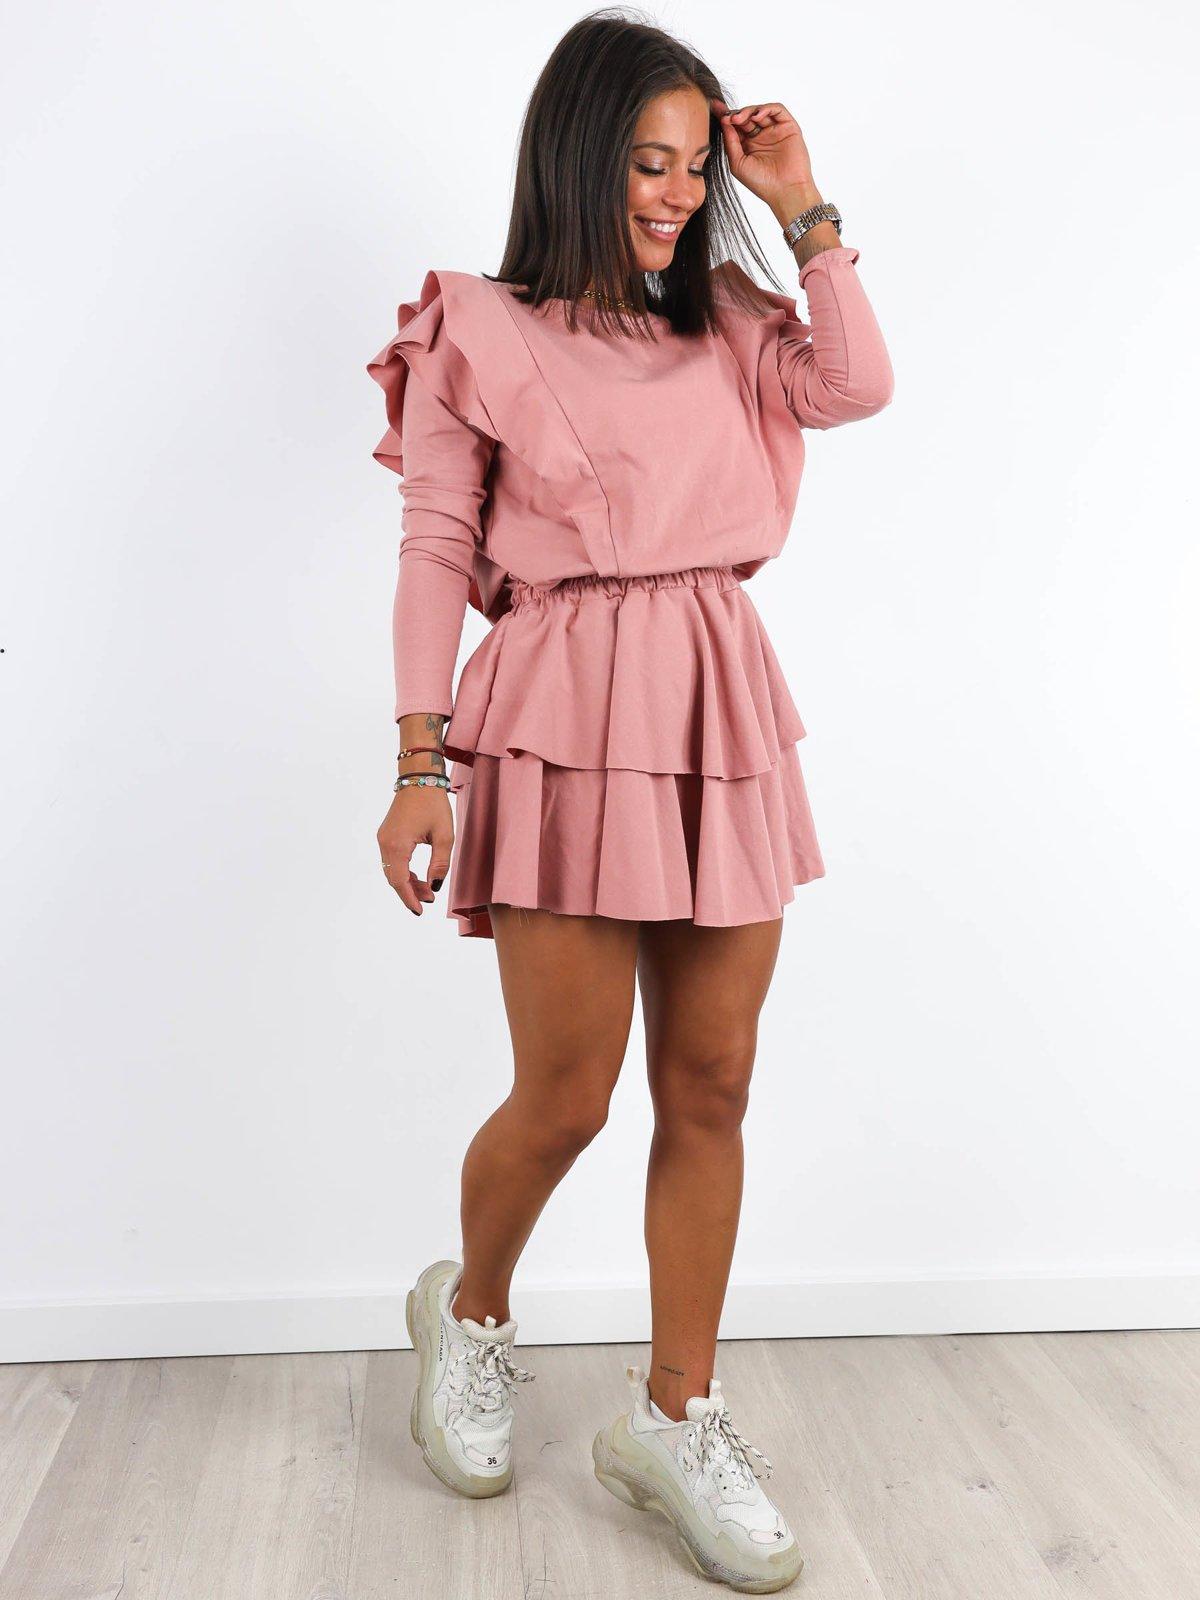 Bawelniana Asymetryczna Sukienka Falbanki Brudny Roz A209 K01 Rozowy Brudny Sukienki Sukienki Z Dlugim Rekawem Sukienki Wszystkie Nowosci Sukienki Sukienki Bez Dekoltu Sukienki Sukienki Mini Sukienki